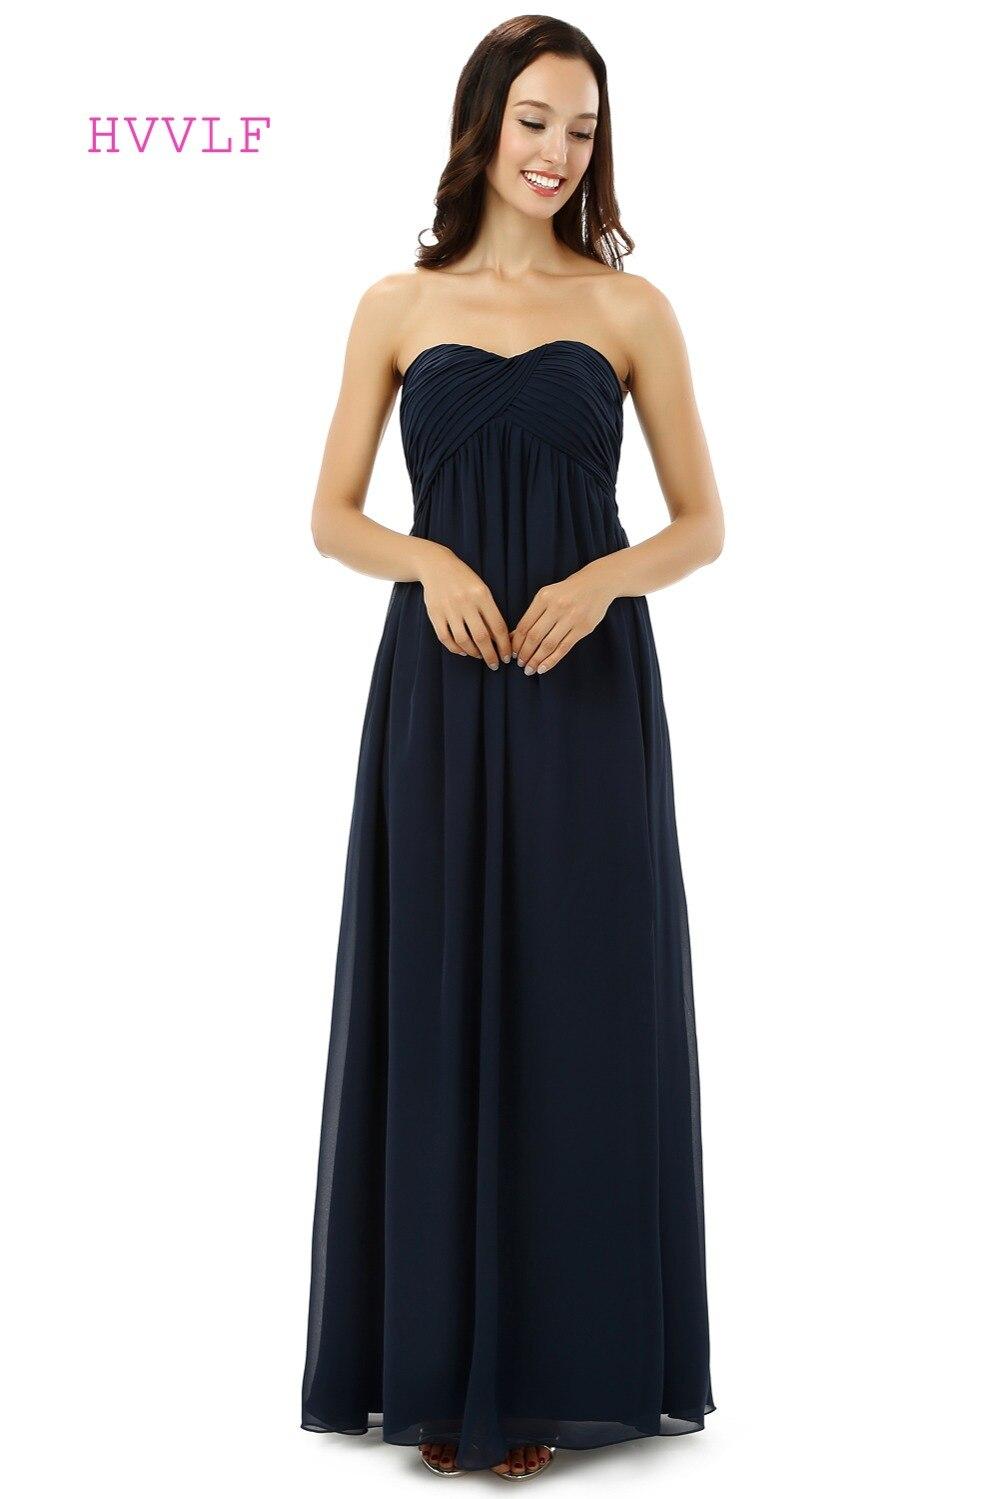 Bleu marine 2019 pas cher robes de demoiselle d'honneur moins de 50 a-ligne chérie étage longueur en mousseline de soie longues robes de fête de mariage